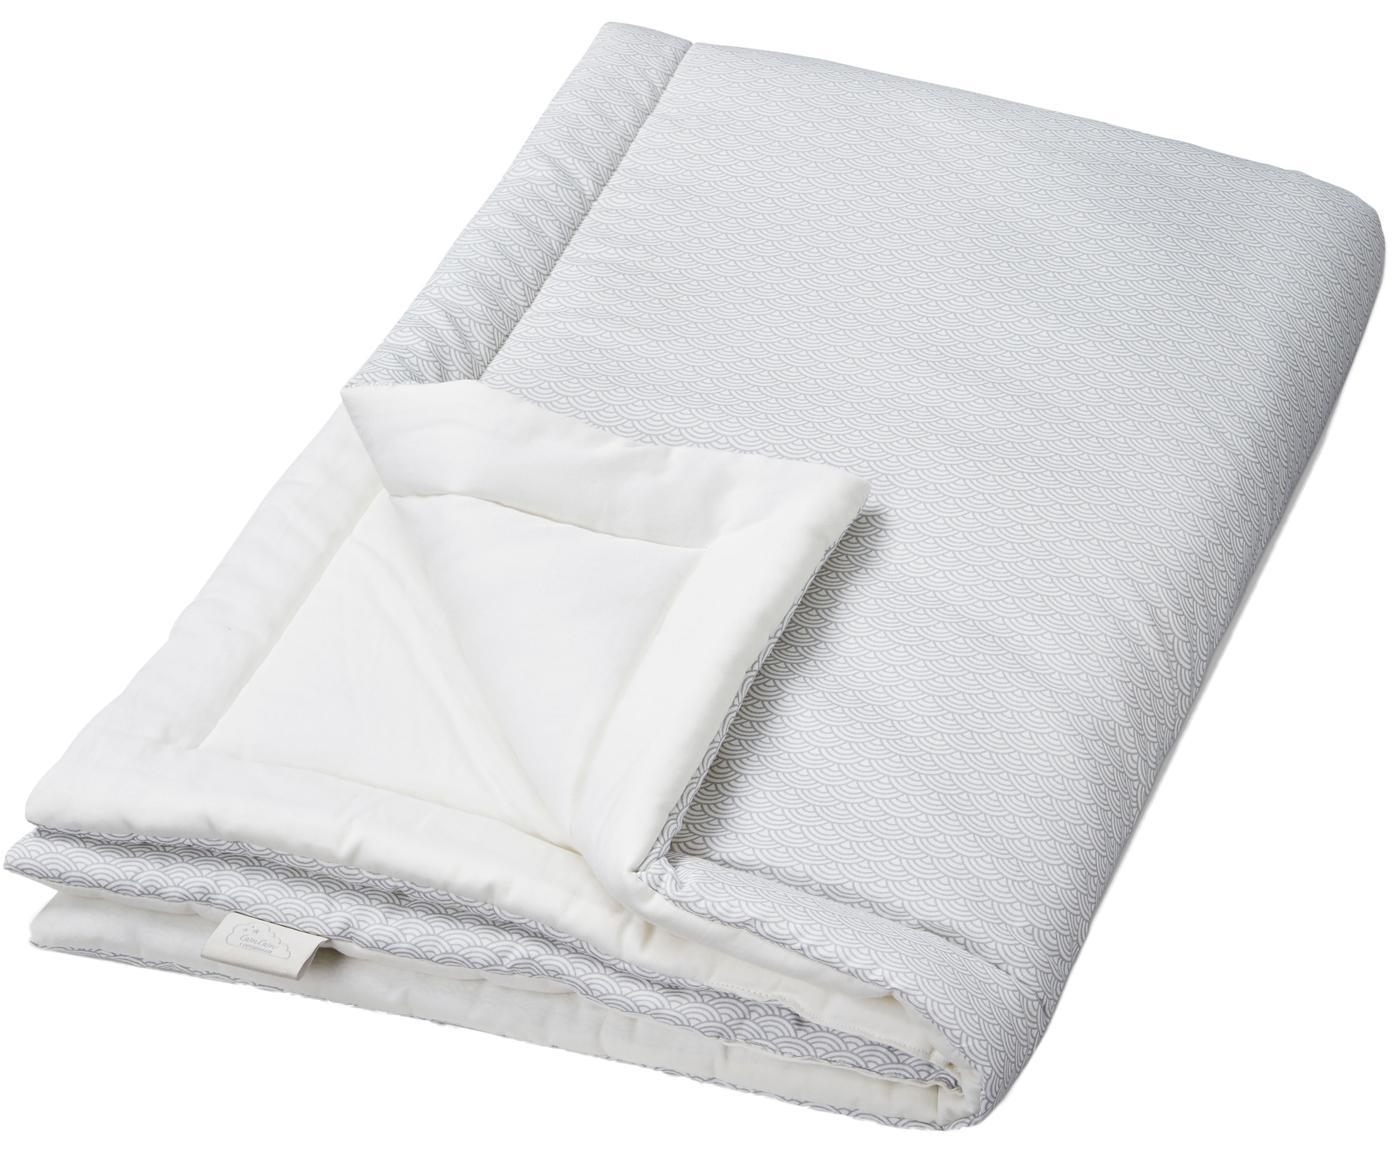 Decke Wave aus Bio-Baumwolle, Bezug: Bio-Baumwolle, Grau, Weiß, 90 x 120 cm